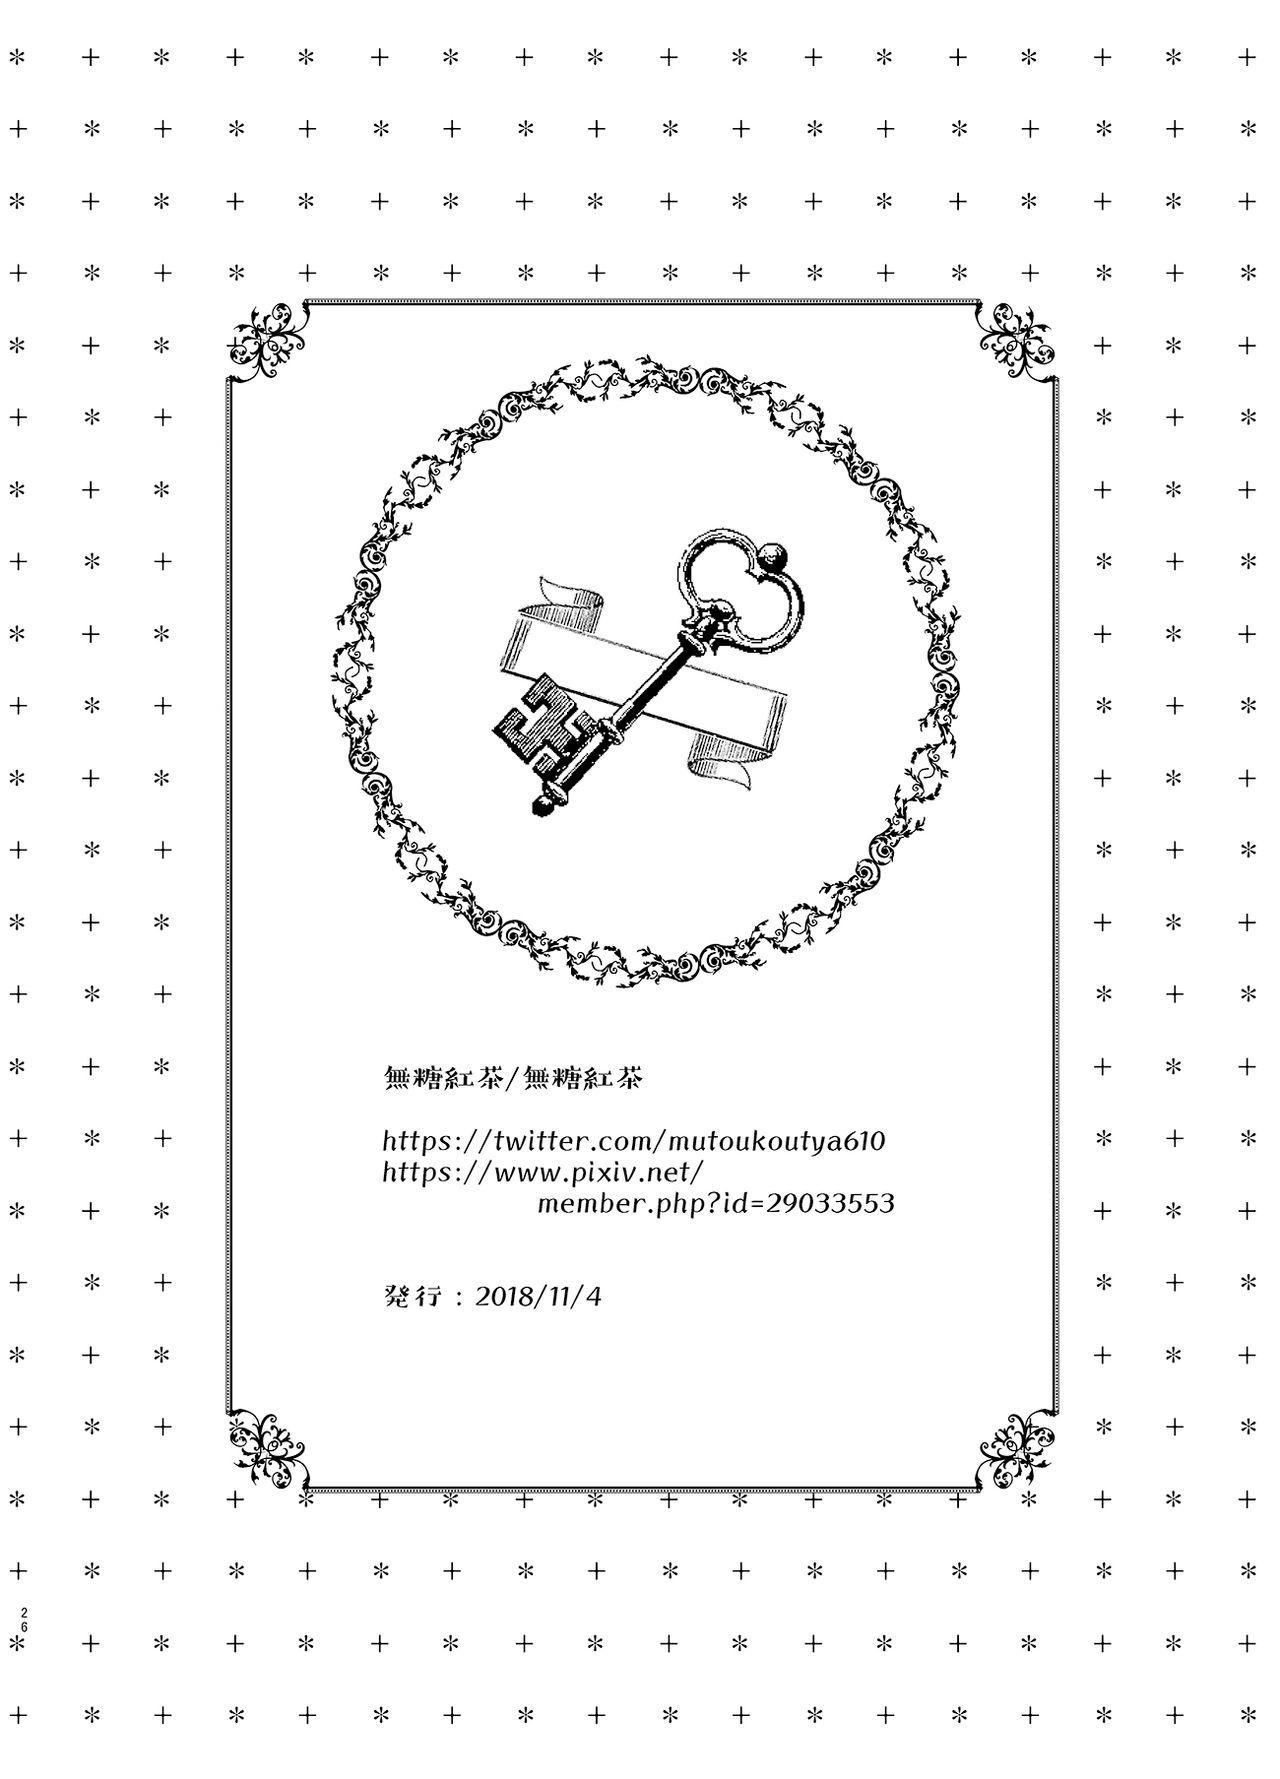 Kinjo no Tsuntsun Imouto to Muhyoujou Ane ni Semarare Ecchi 25